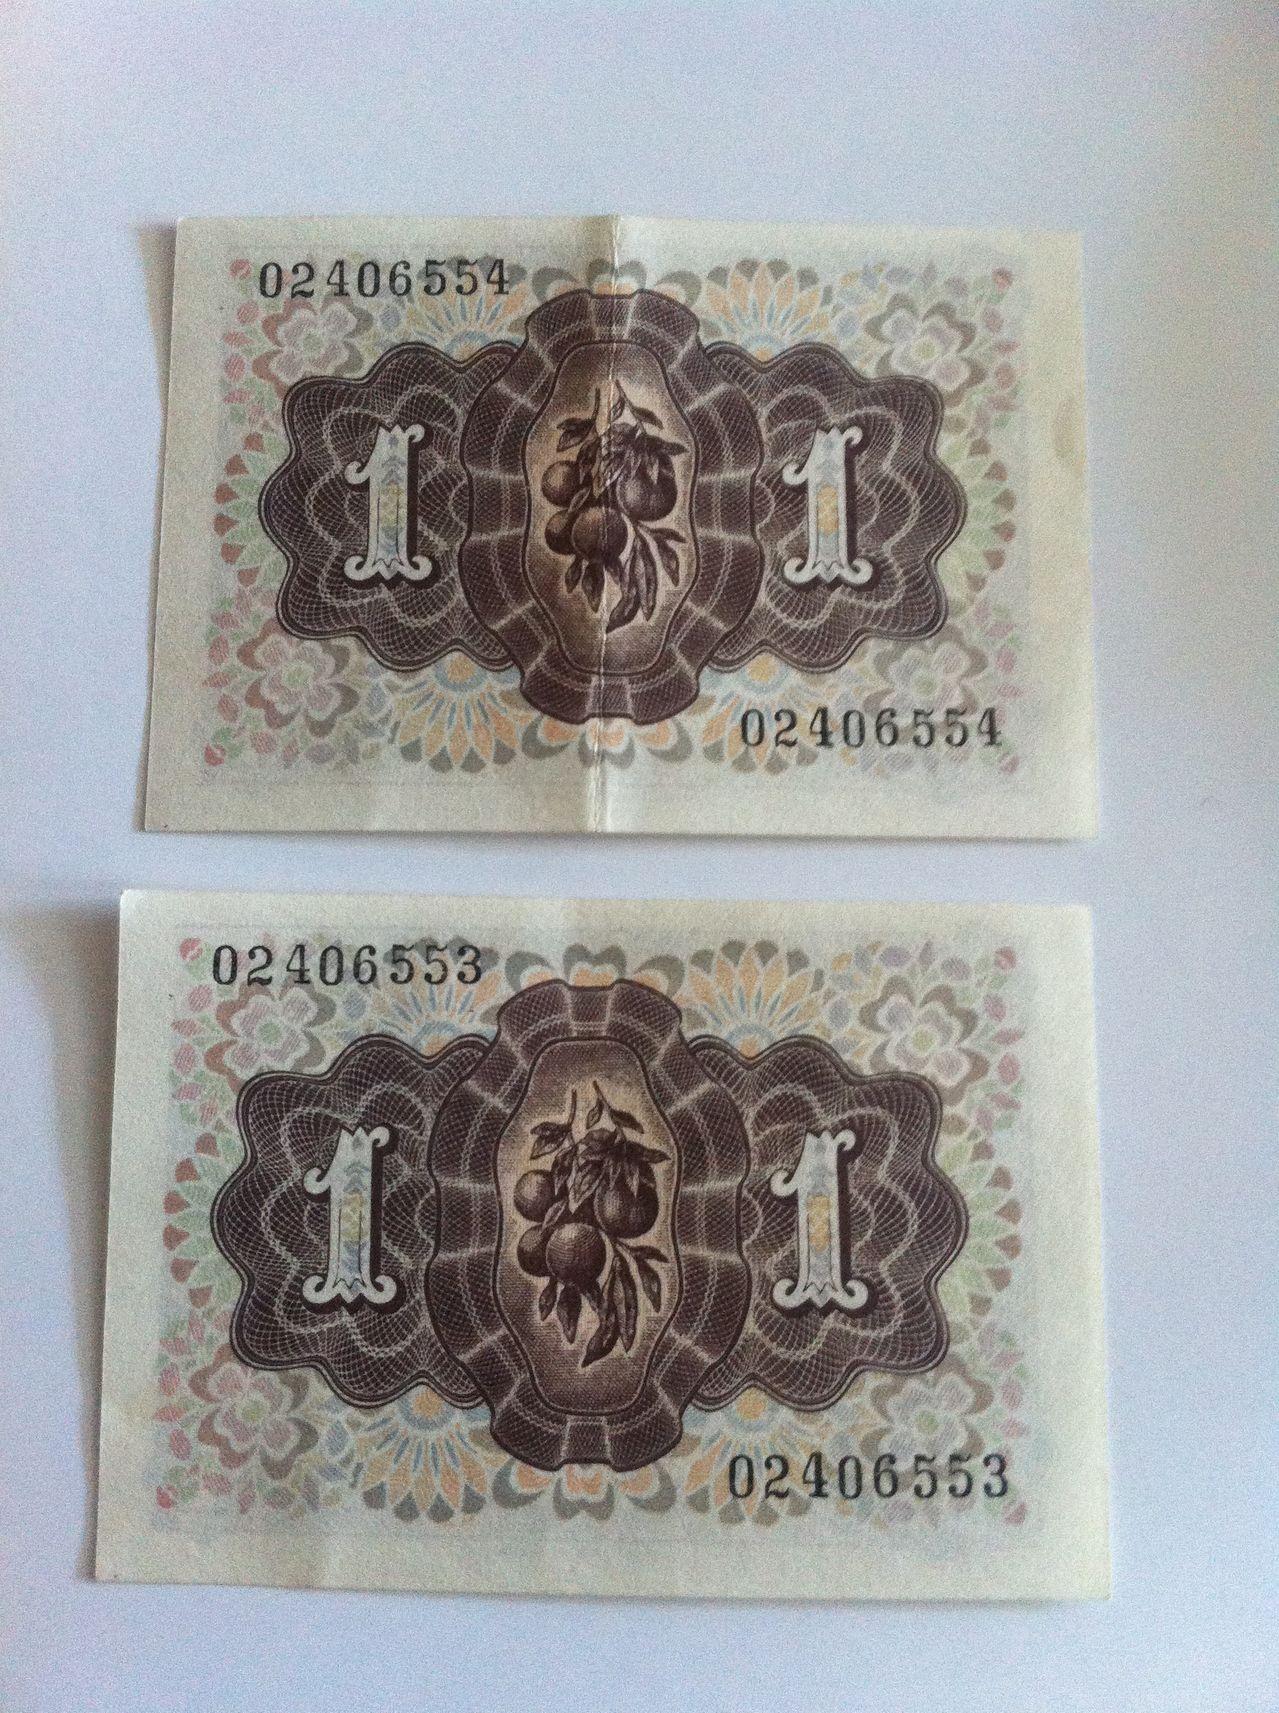 Ayuda para valorar coleccion de billetes IMG_4931